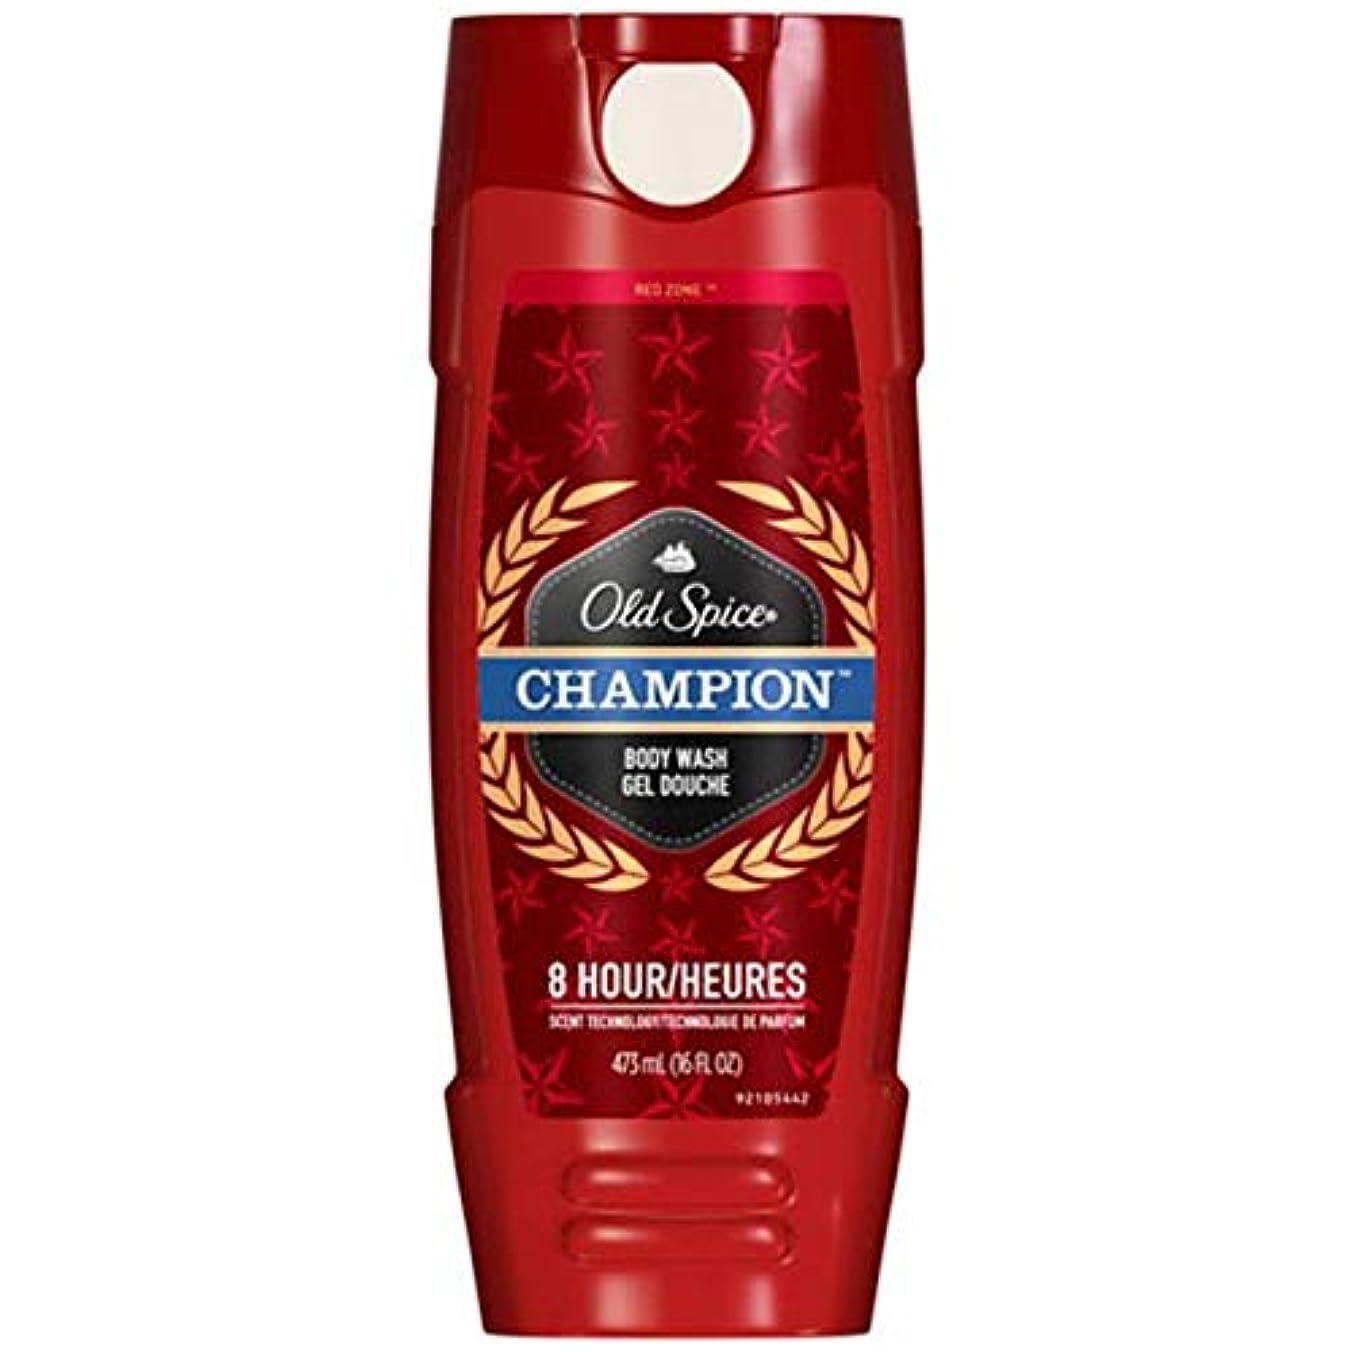 重力専門化する結婚するOld Spice オールドスパイス ボディーウォッシュジェル Red Zone Body Wash GEL 473ml 並行輸入品 (CHAMPION/チャンピオン) [並行輸入品]